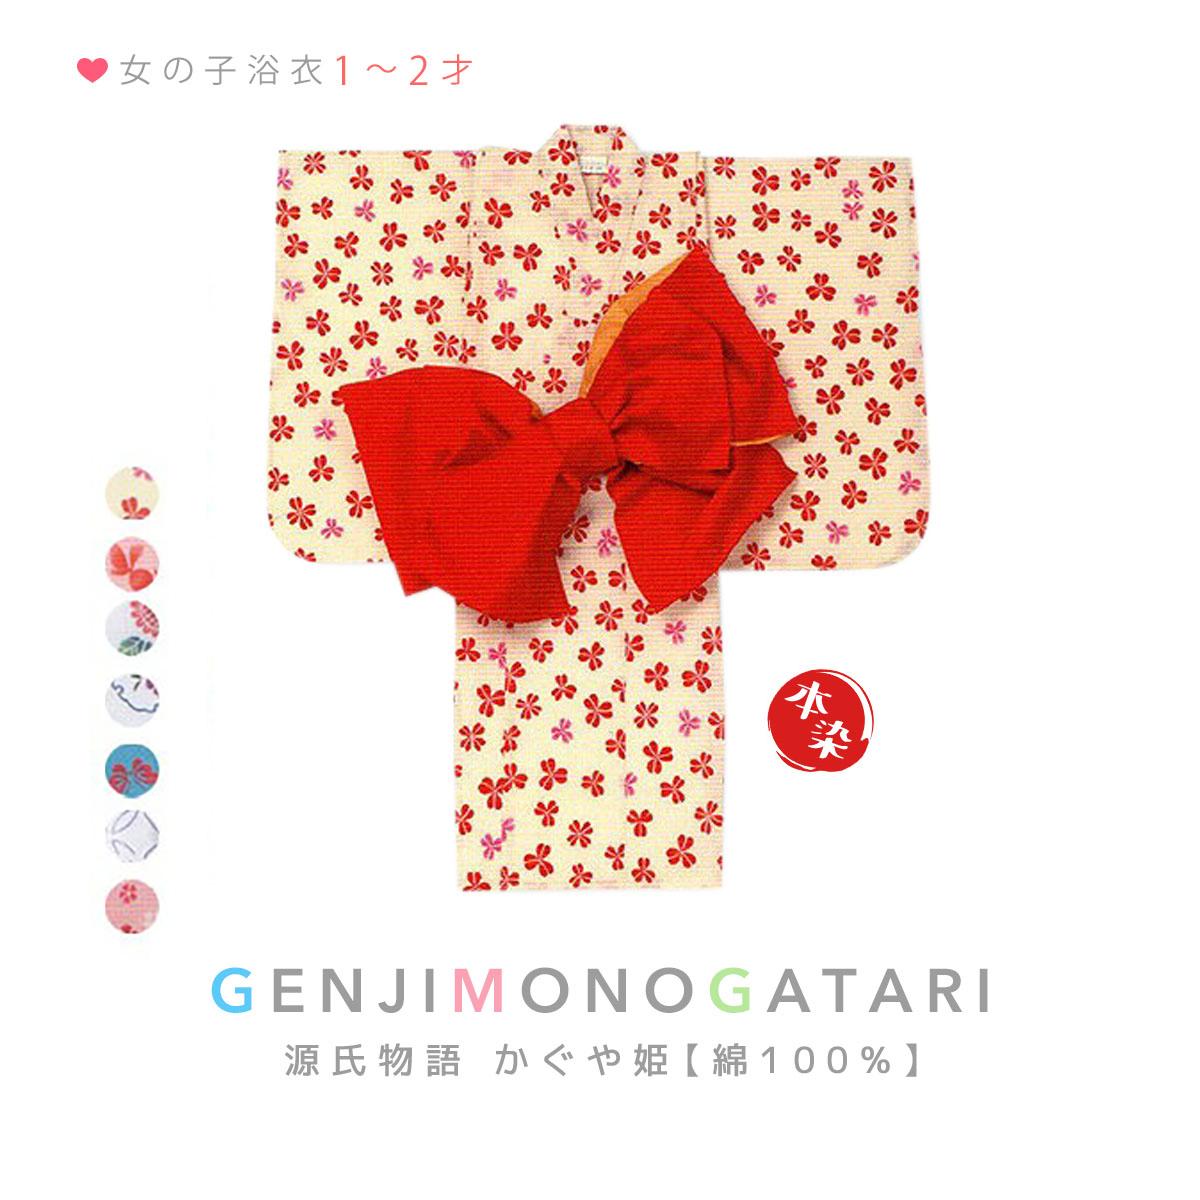 ブランド『源氏物語』の本染子供浴衣